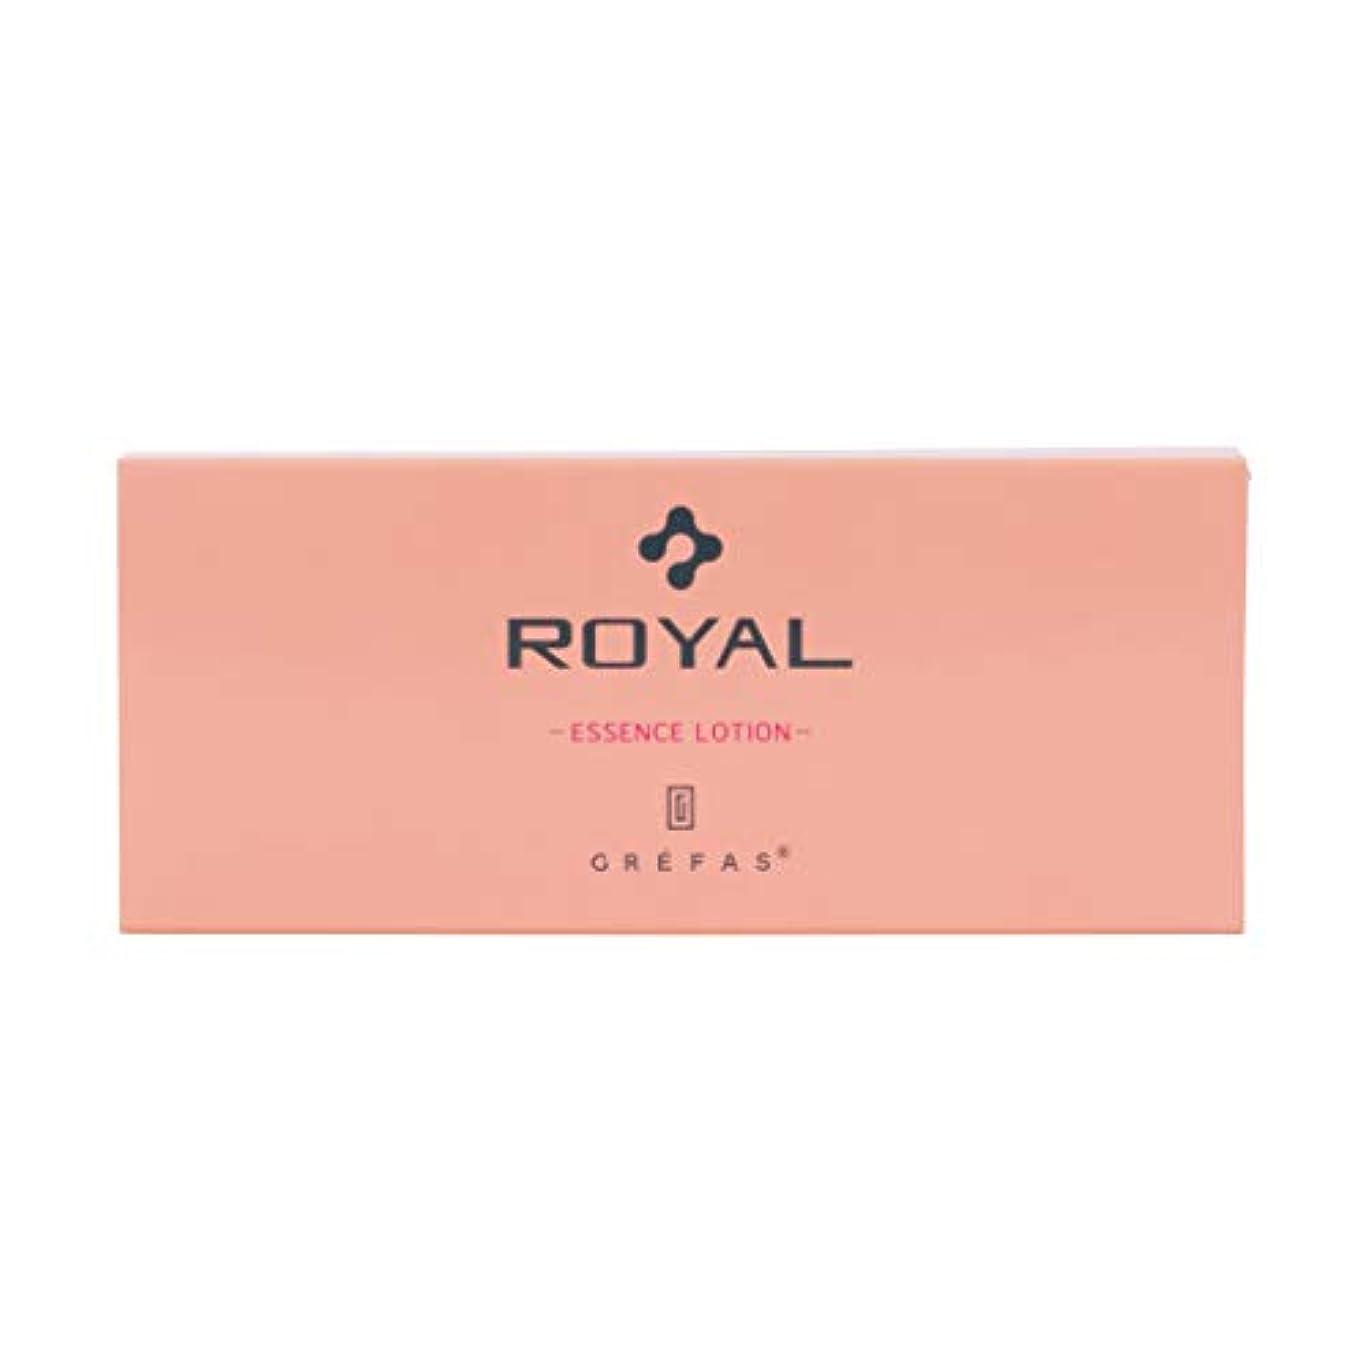 バングシットコムとGREFAS ROYAL【グレファスロイアル】化粧水 エッセンスローション プラセンタエキス 1.3ml×10袋